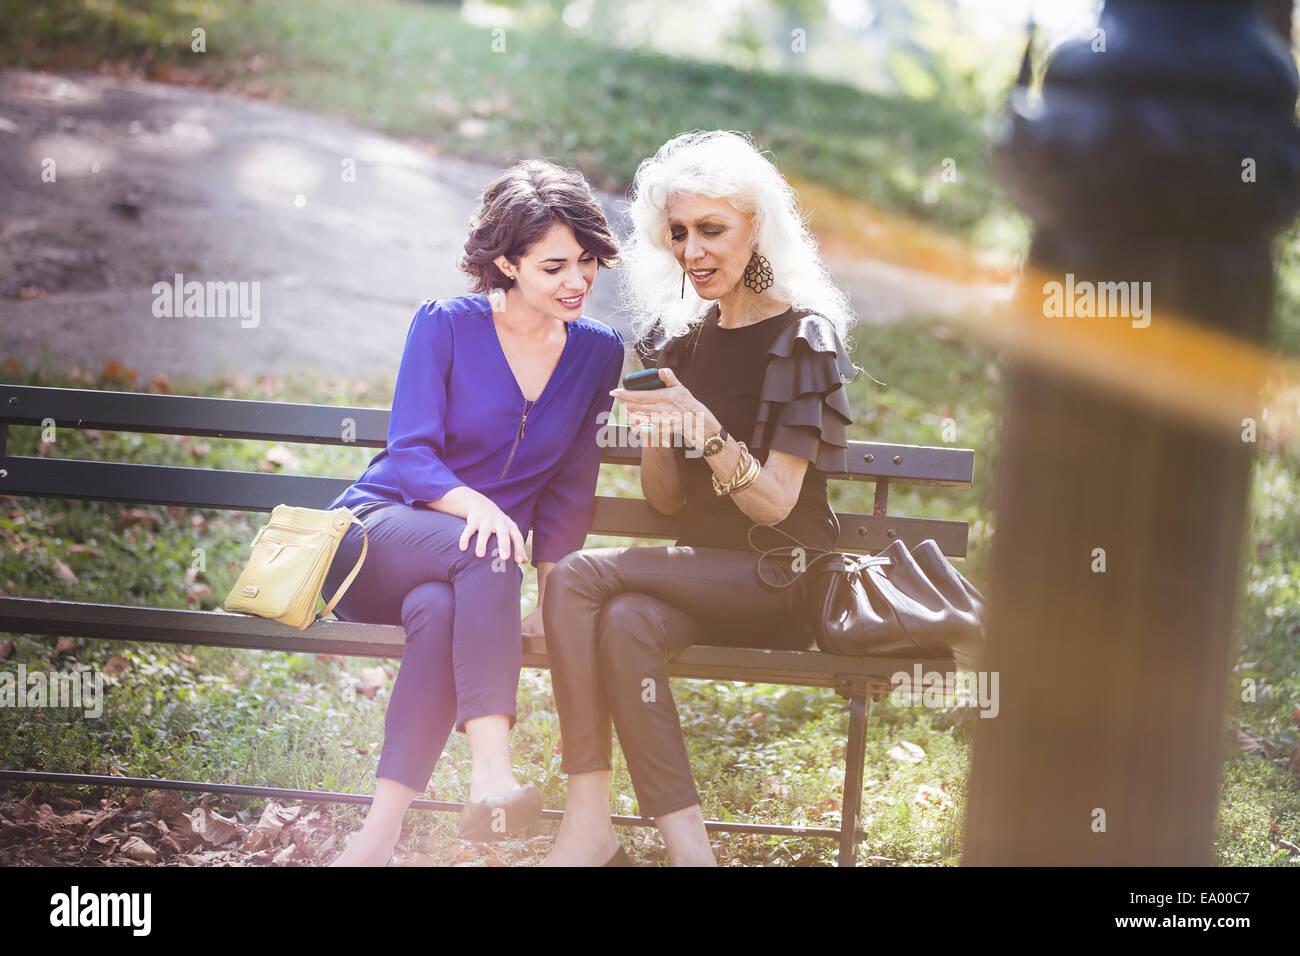 Mujer joven en el parque de la ciudad con el mentor mirando fotos en el smartphone Imagen De Stock